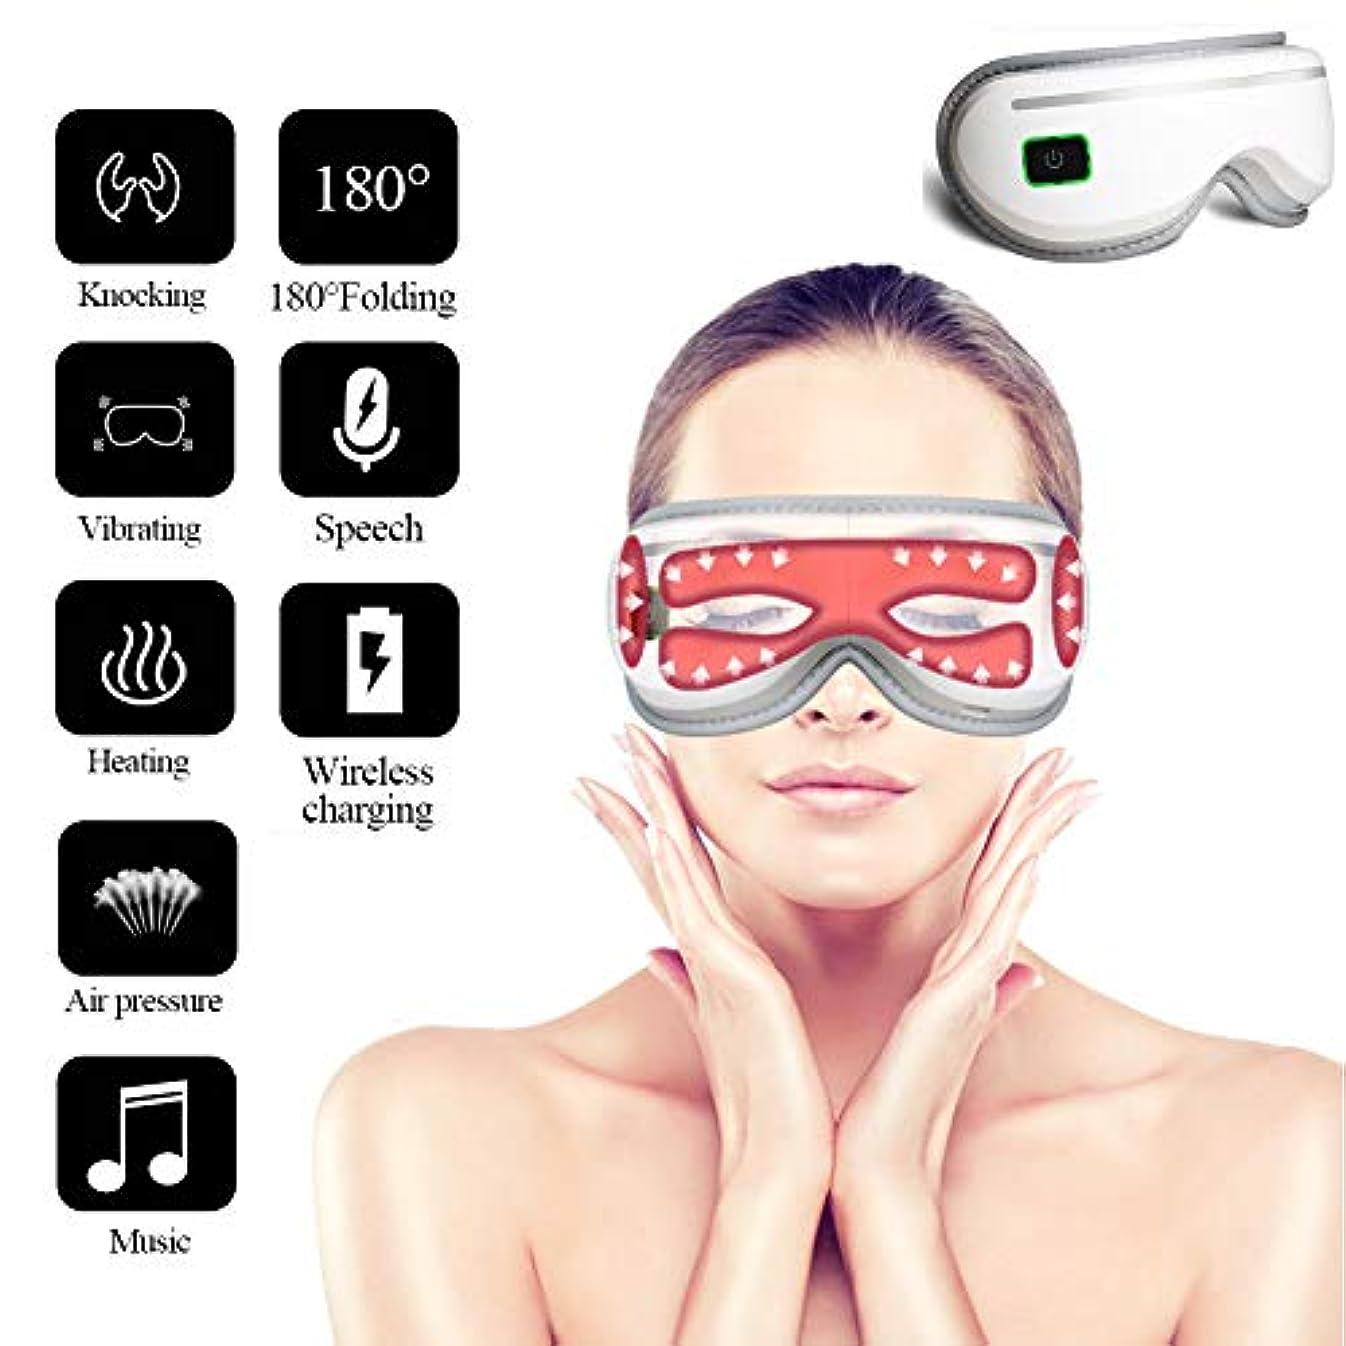 知っているに立ち寄る笑可動電動アイマッサージマスク音楽頭痛ストレスリリーフ折り畳み式マシンのための3つのモードでリラックス空気圧、熱圧縮、振動マッサージ、ウォシュレットギフト